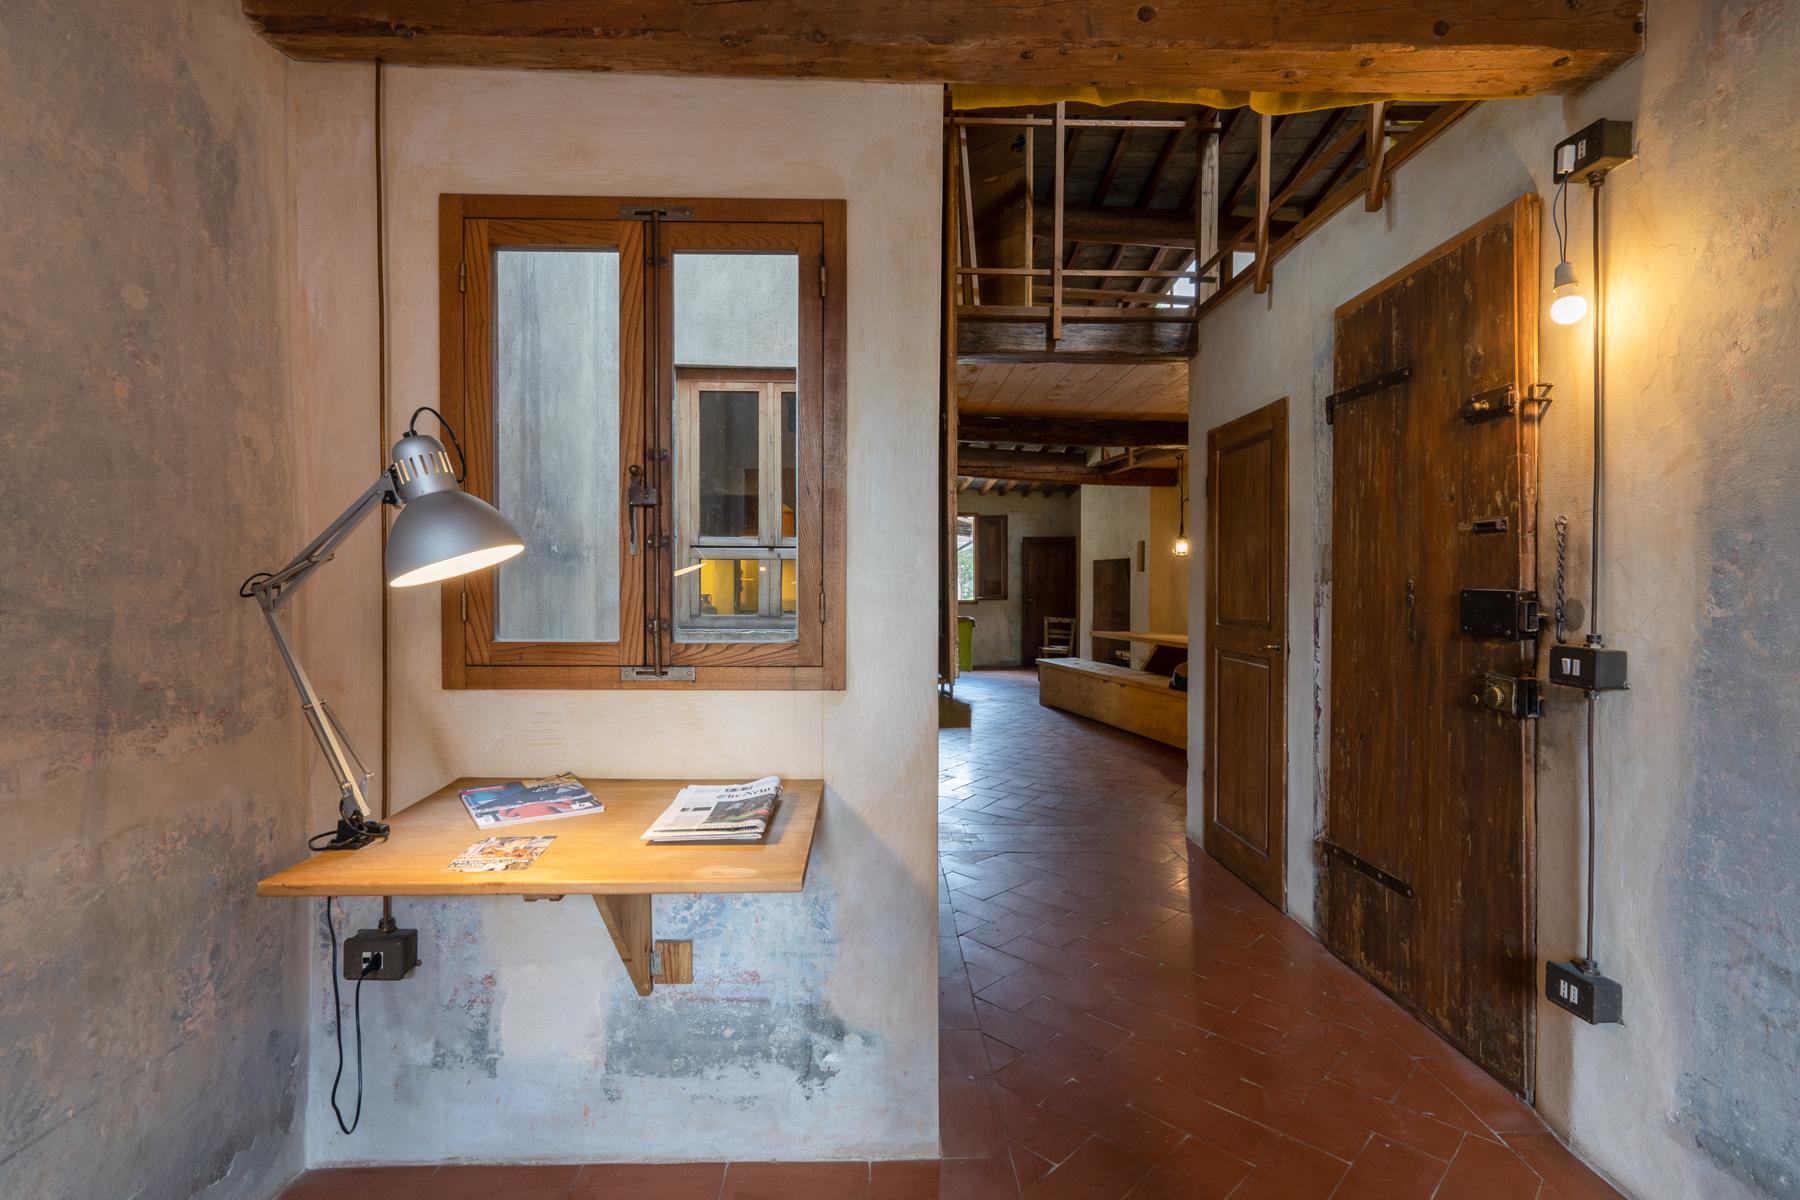 Appartamento in Vendita a Firenze: 4 locali, 120 mq - Foto 6